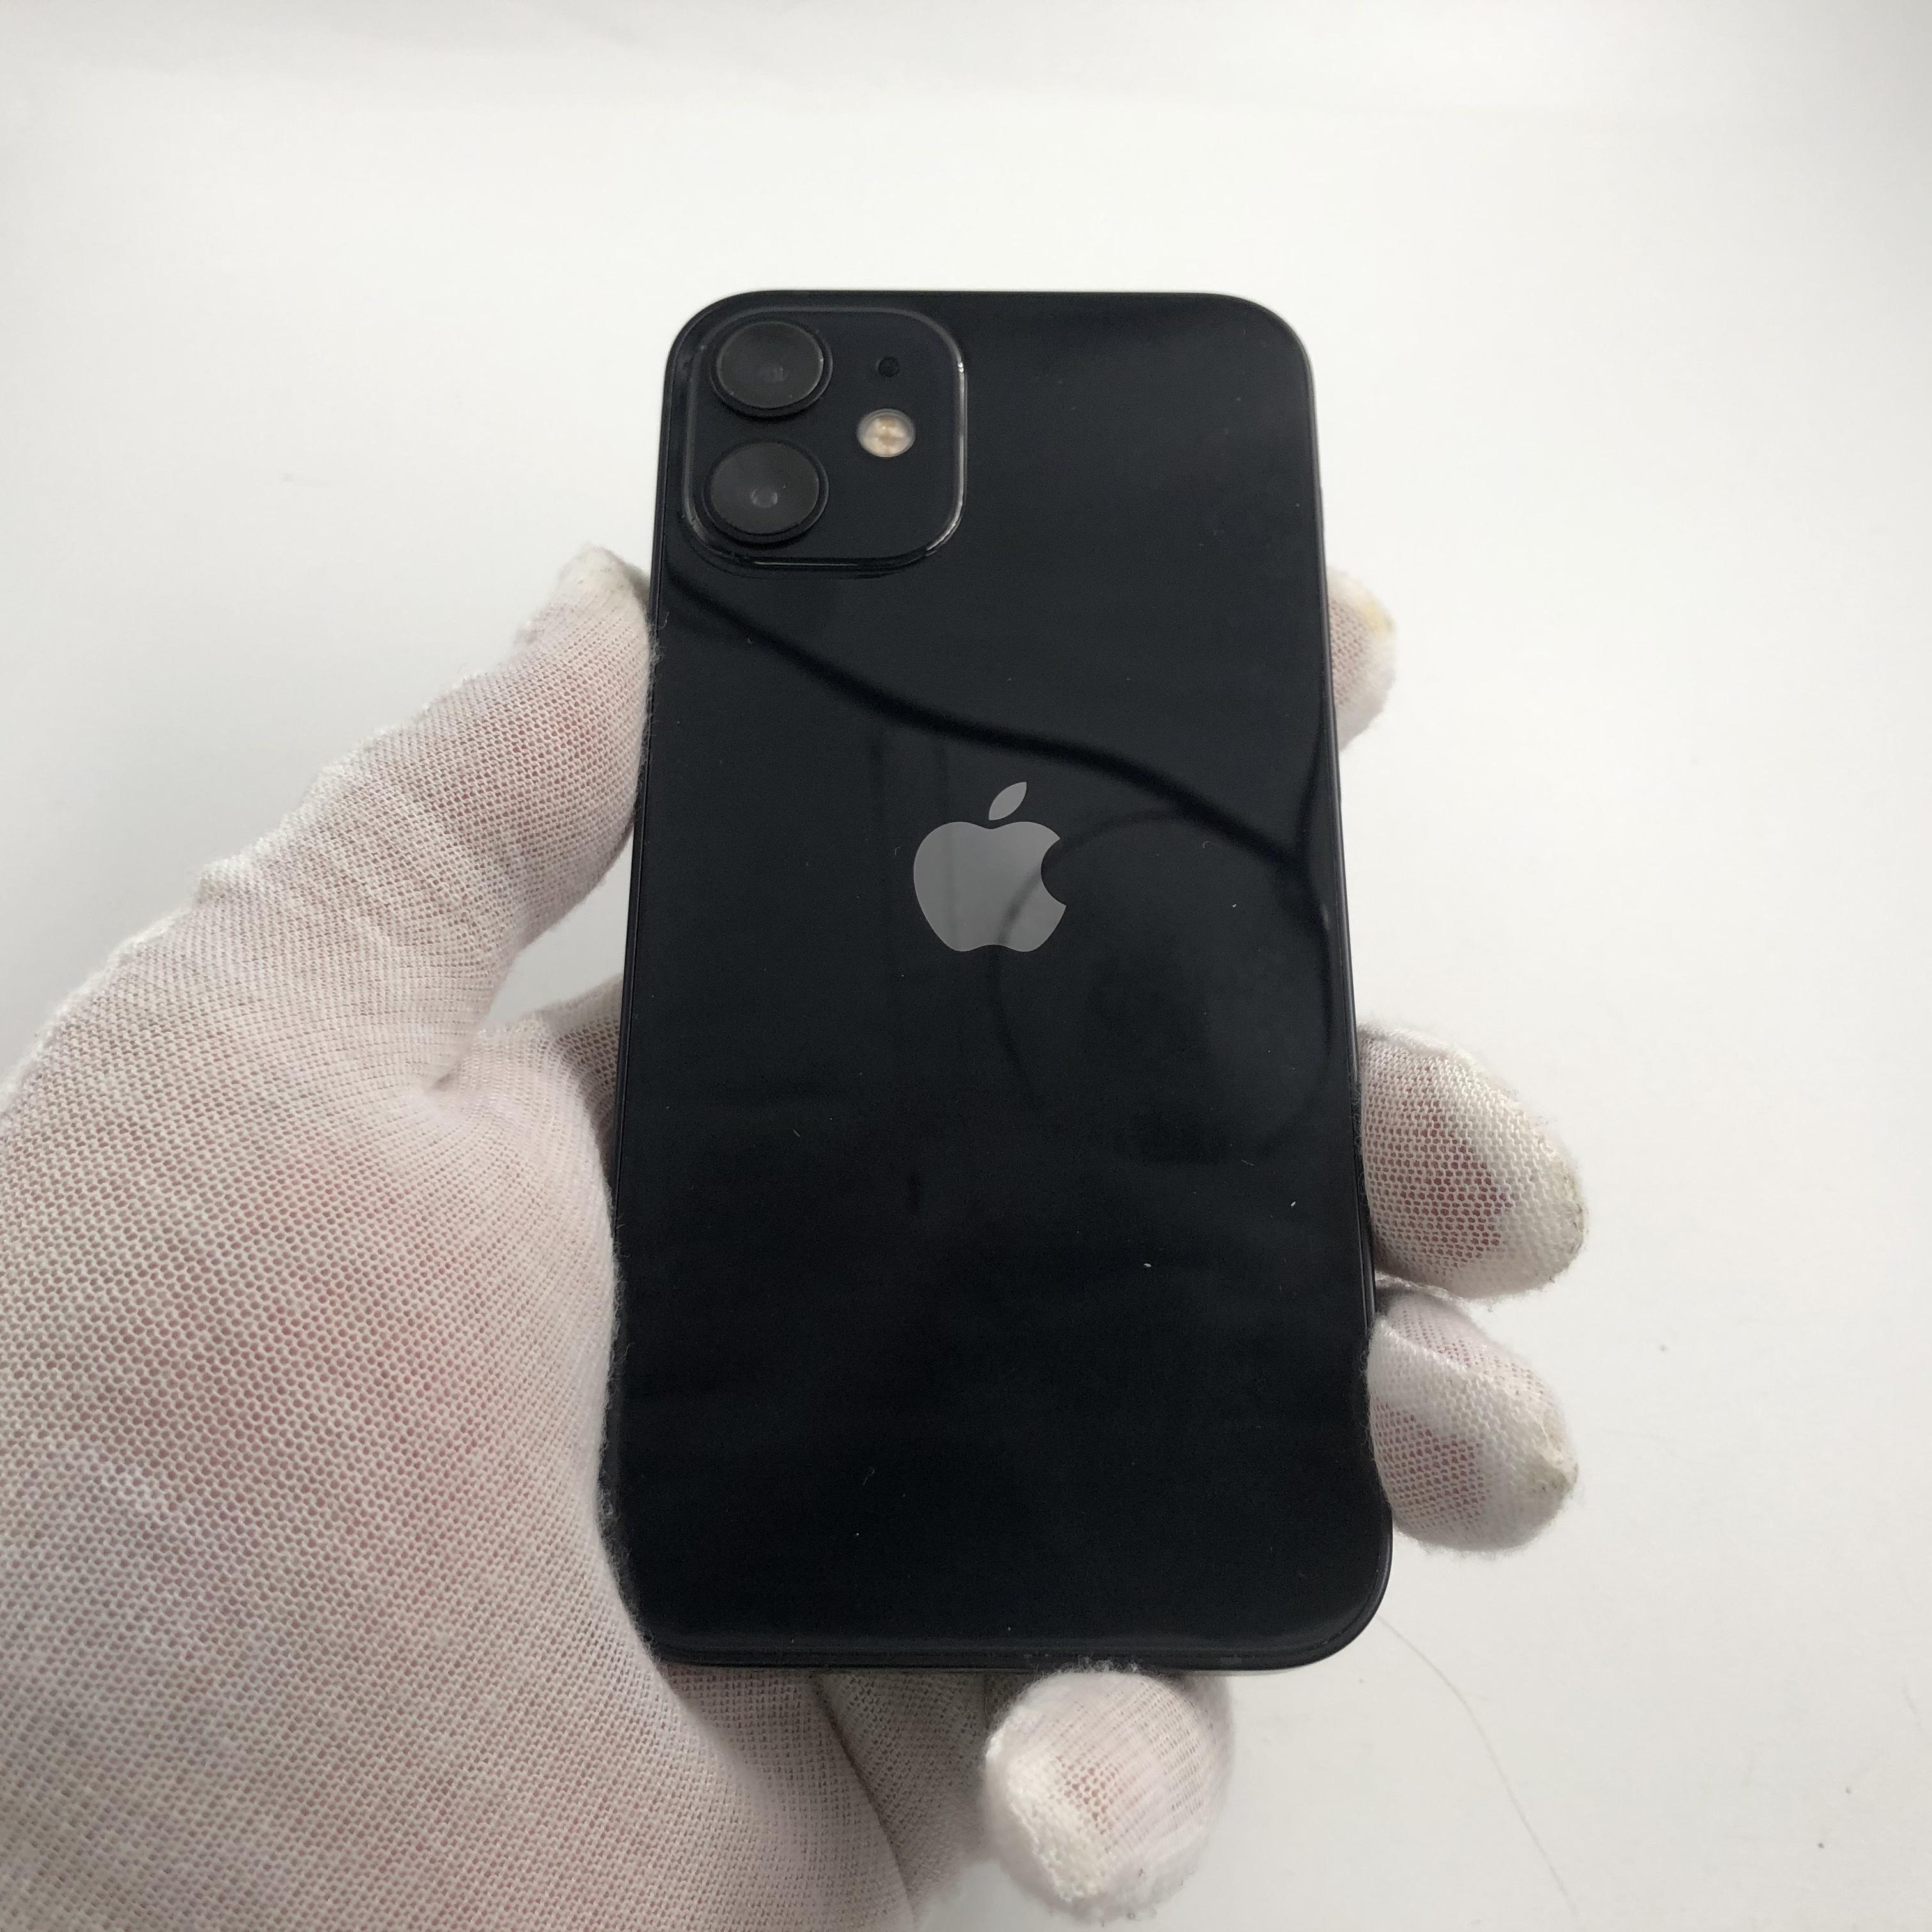 苹果【iPhone 12 mini】5G全网通 黑色 128G 国行 99新